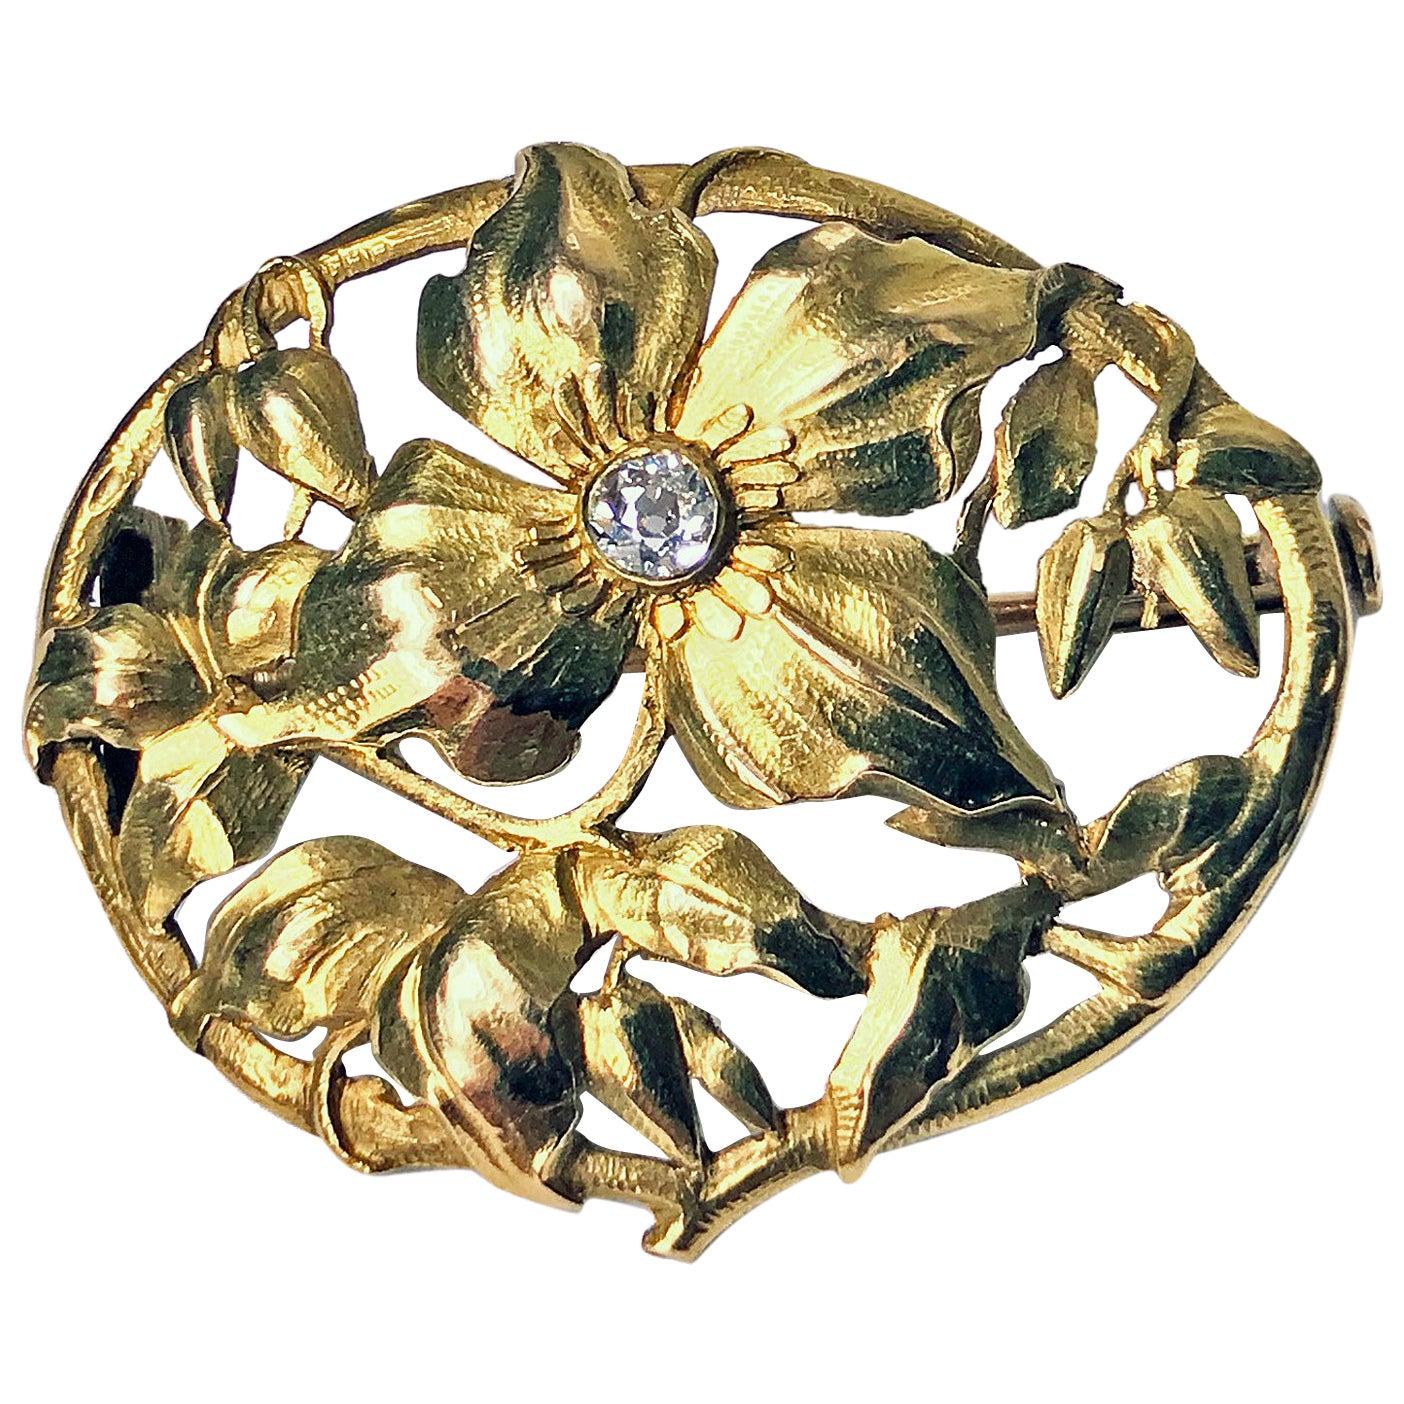 Art Nouveau 18 Karat Diamond Brooch, circa 1900